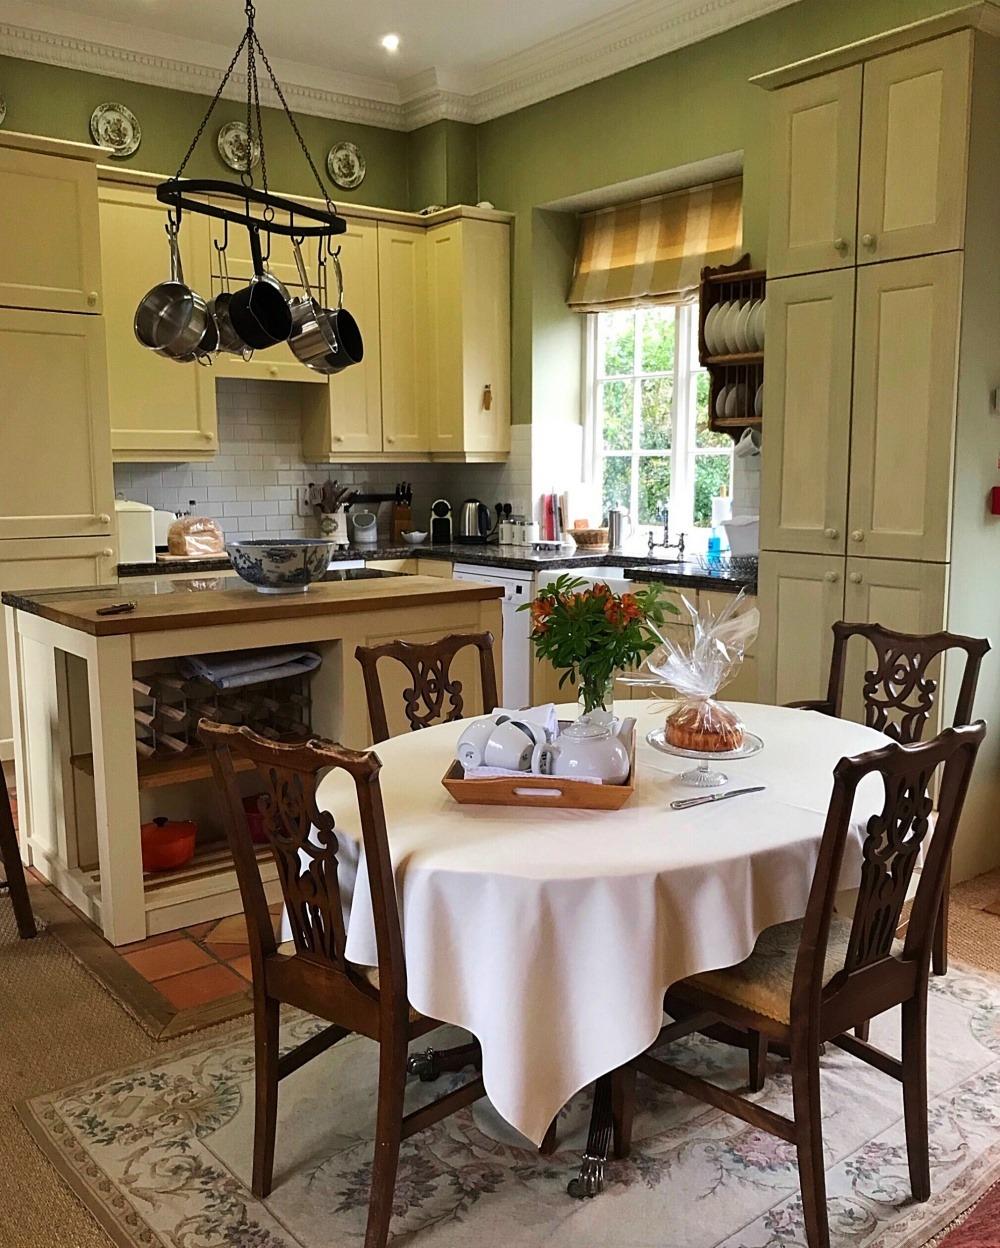 Kitchen Sandown - Bruern Cottages - Photo Heatheronhertravels.com